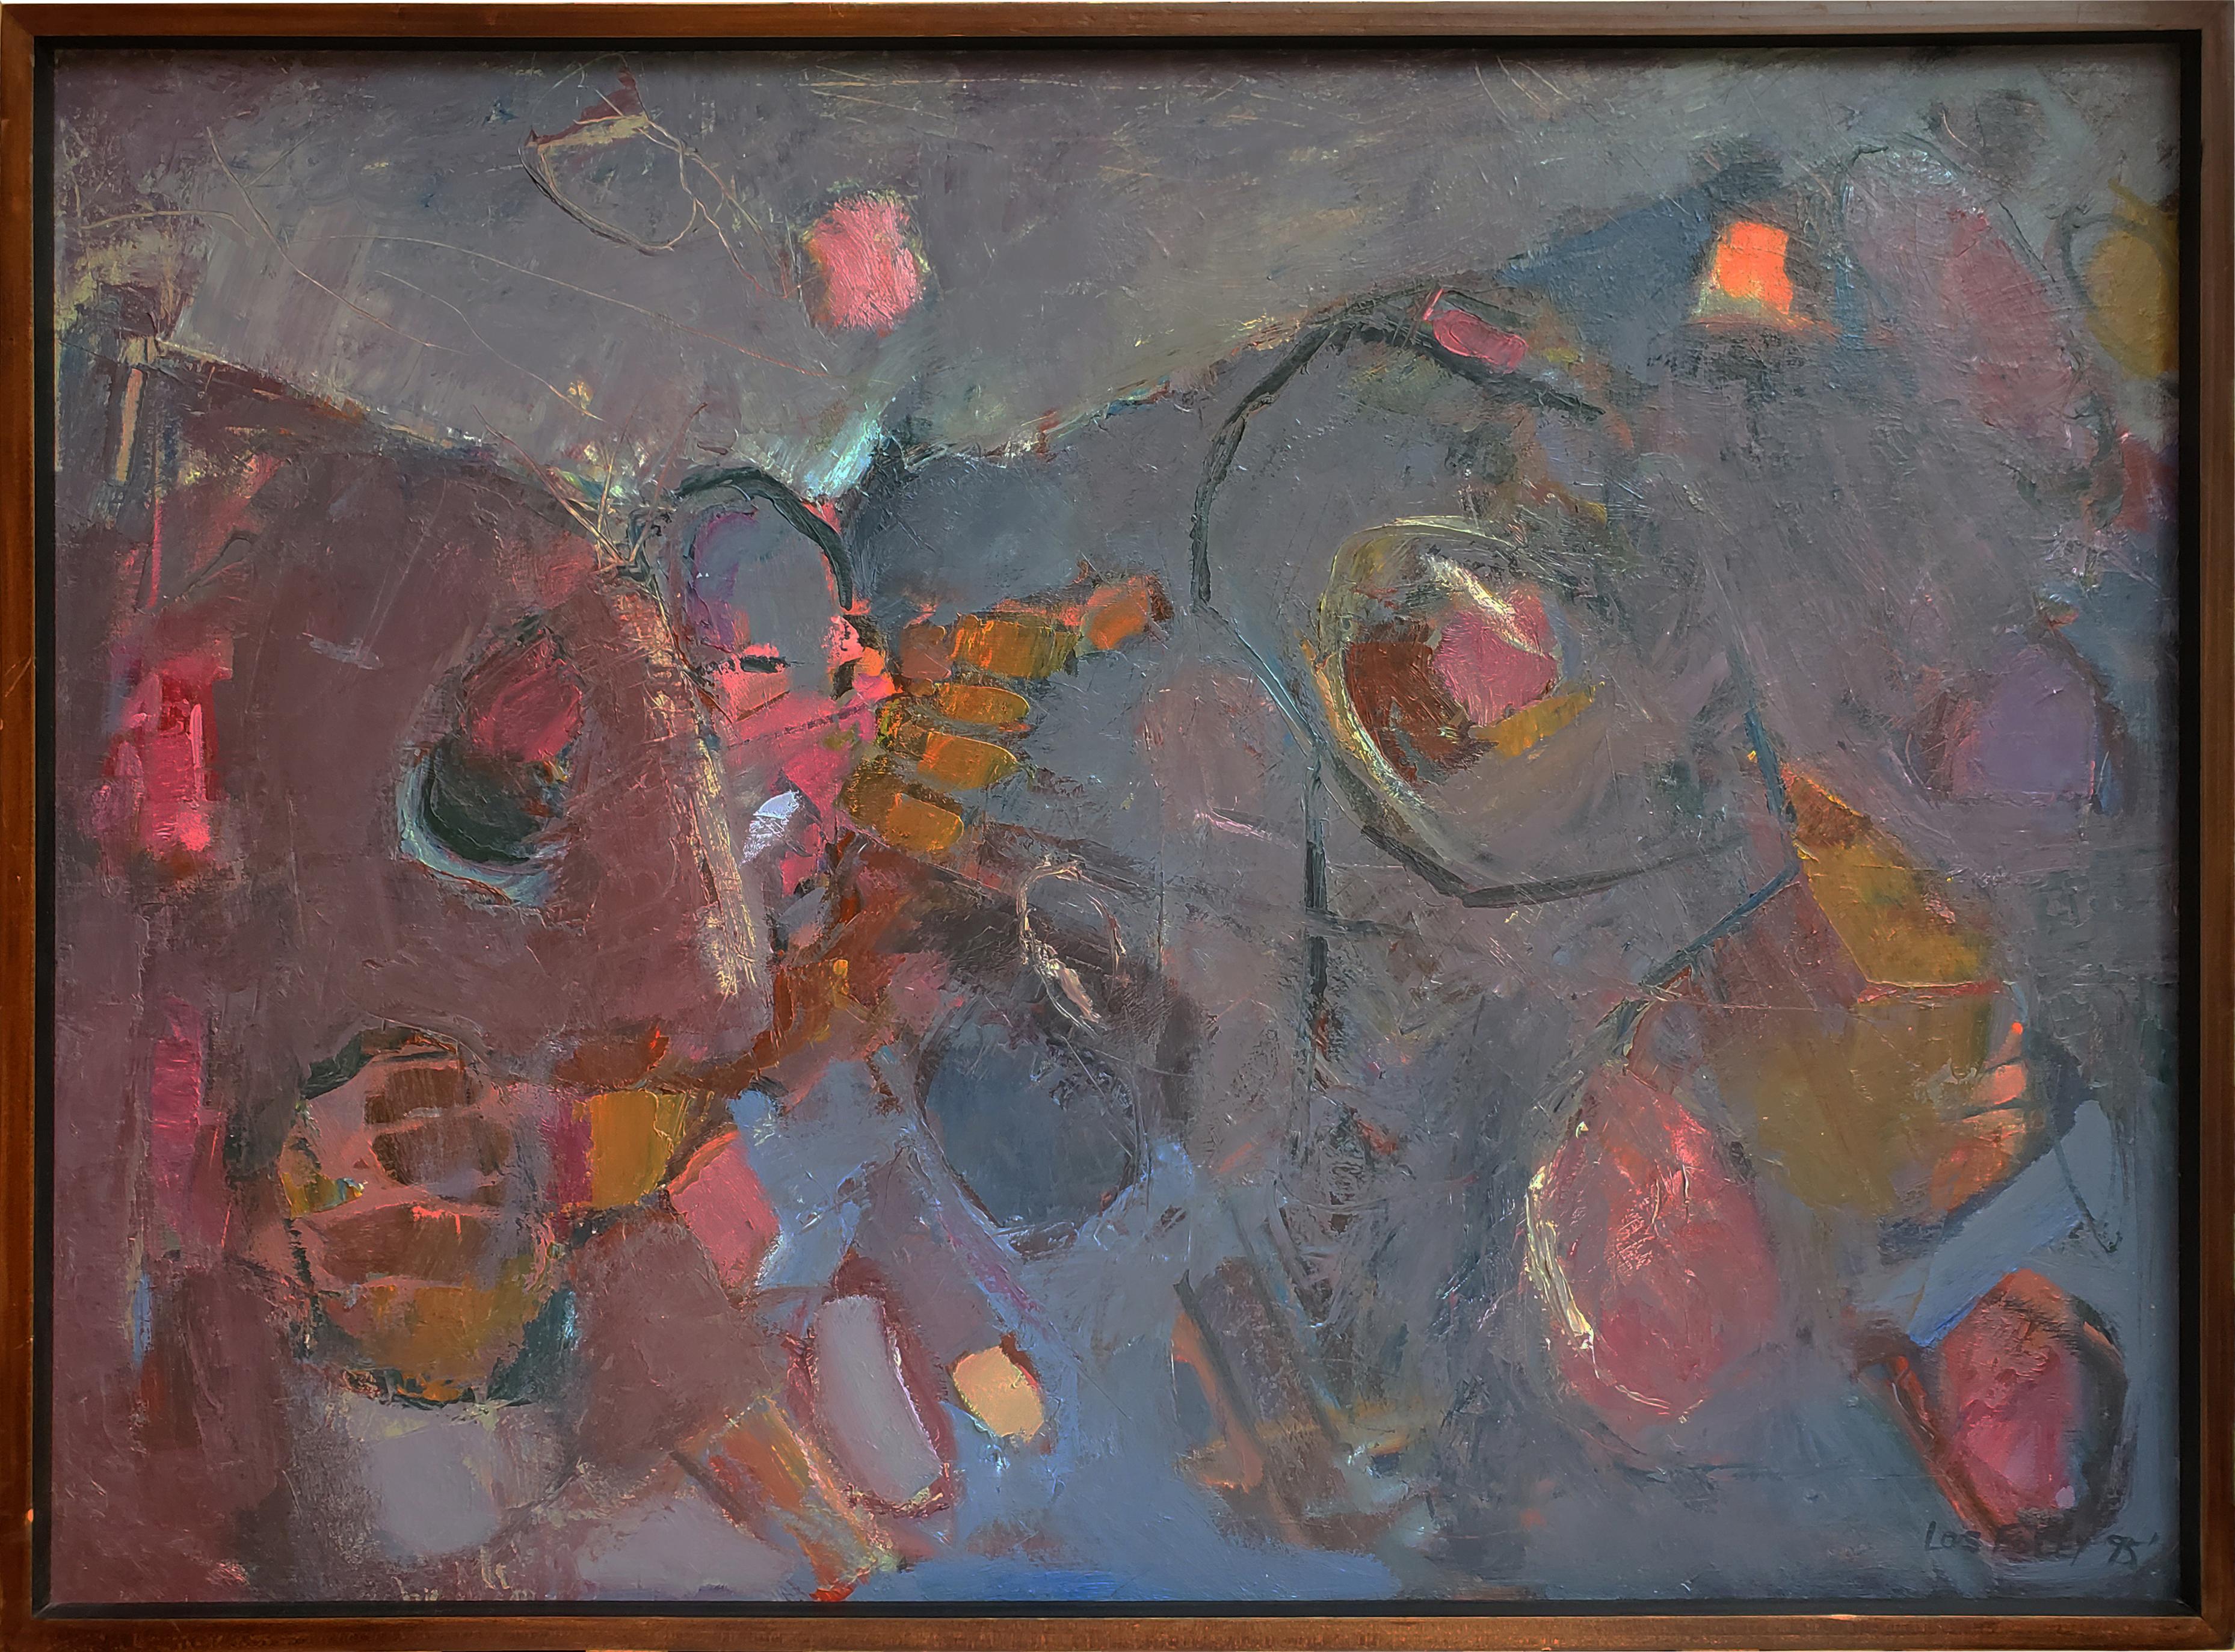 lois-foley-abstract-1162-lg.jpg